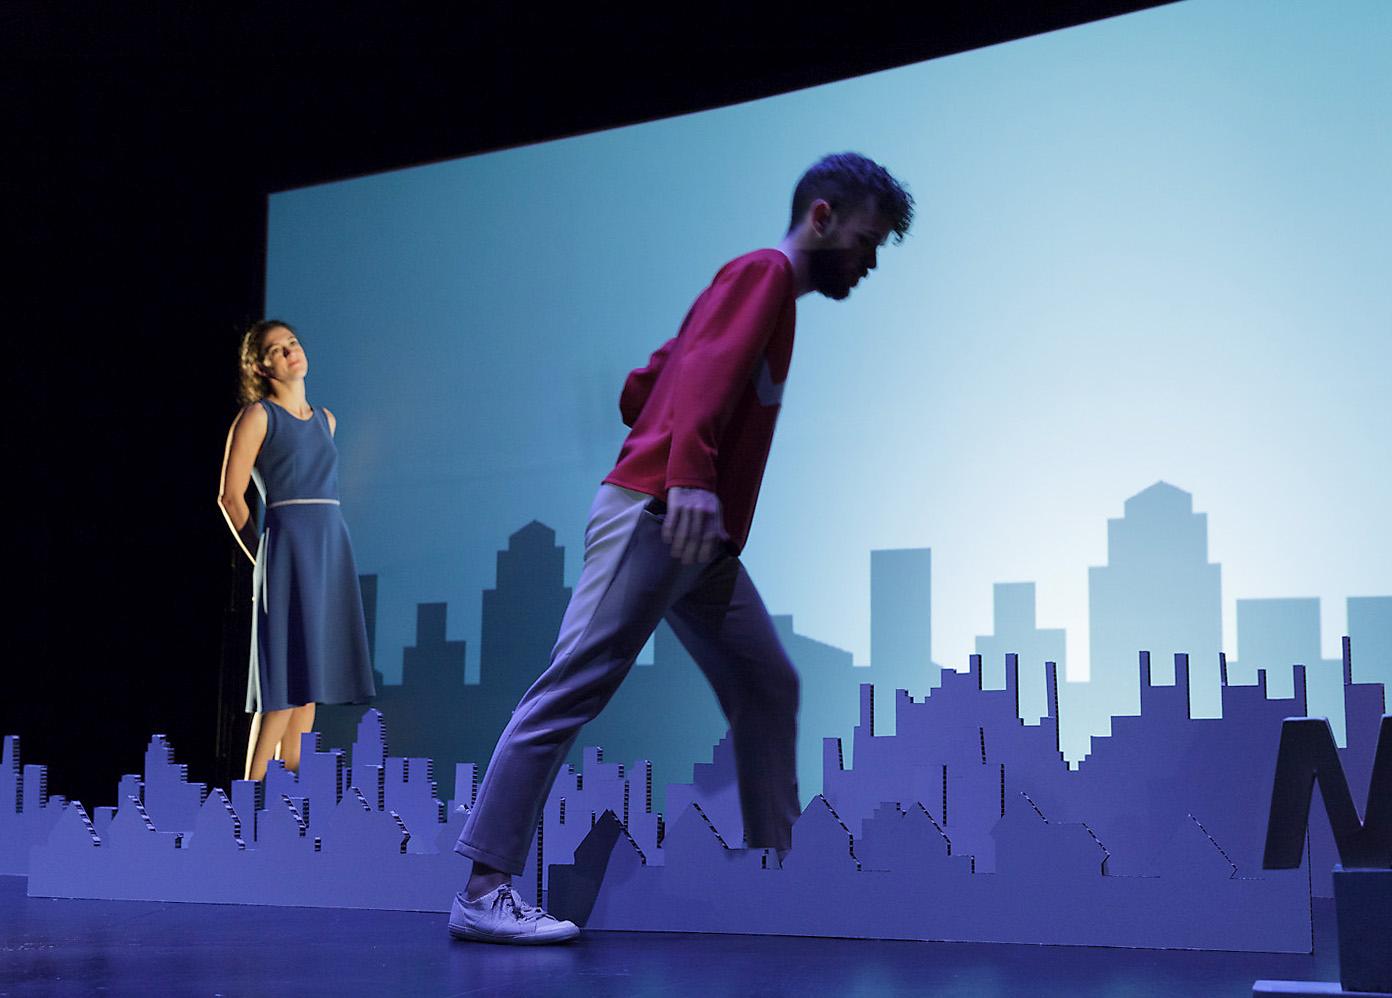 escenografía skyline ciudad carton obra teatro ruido interno cartonlab